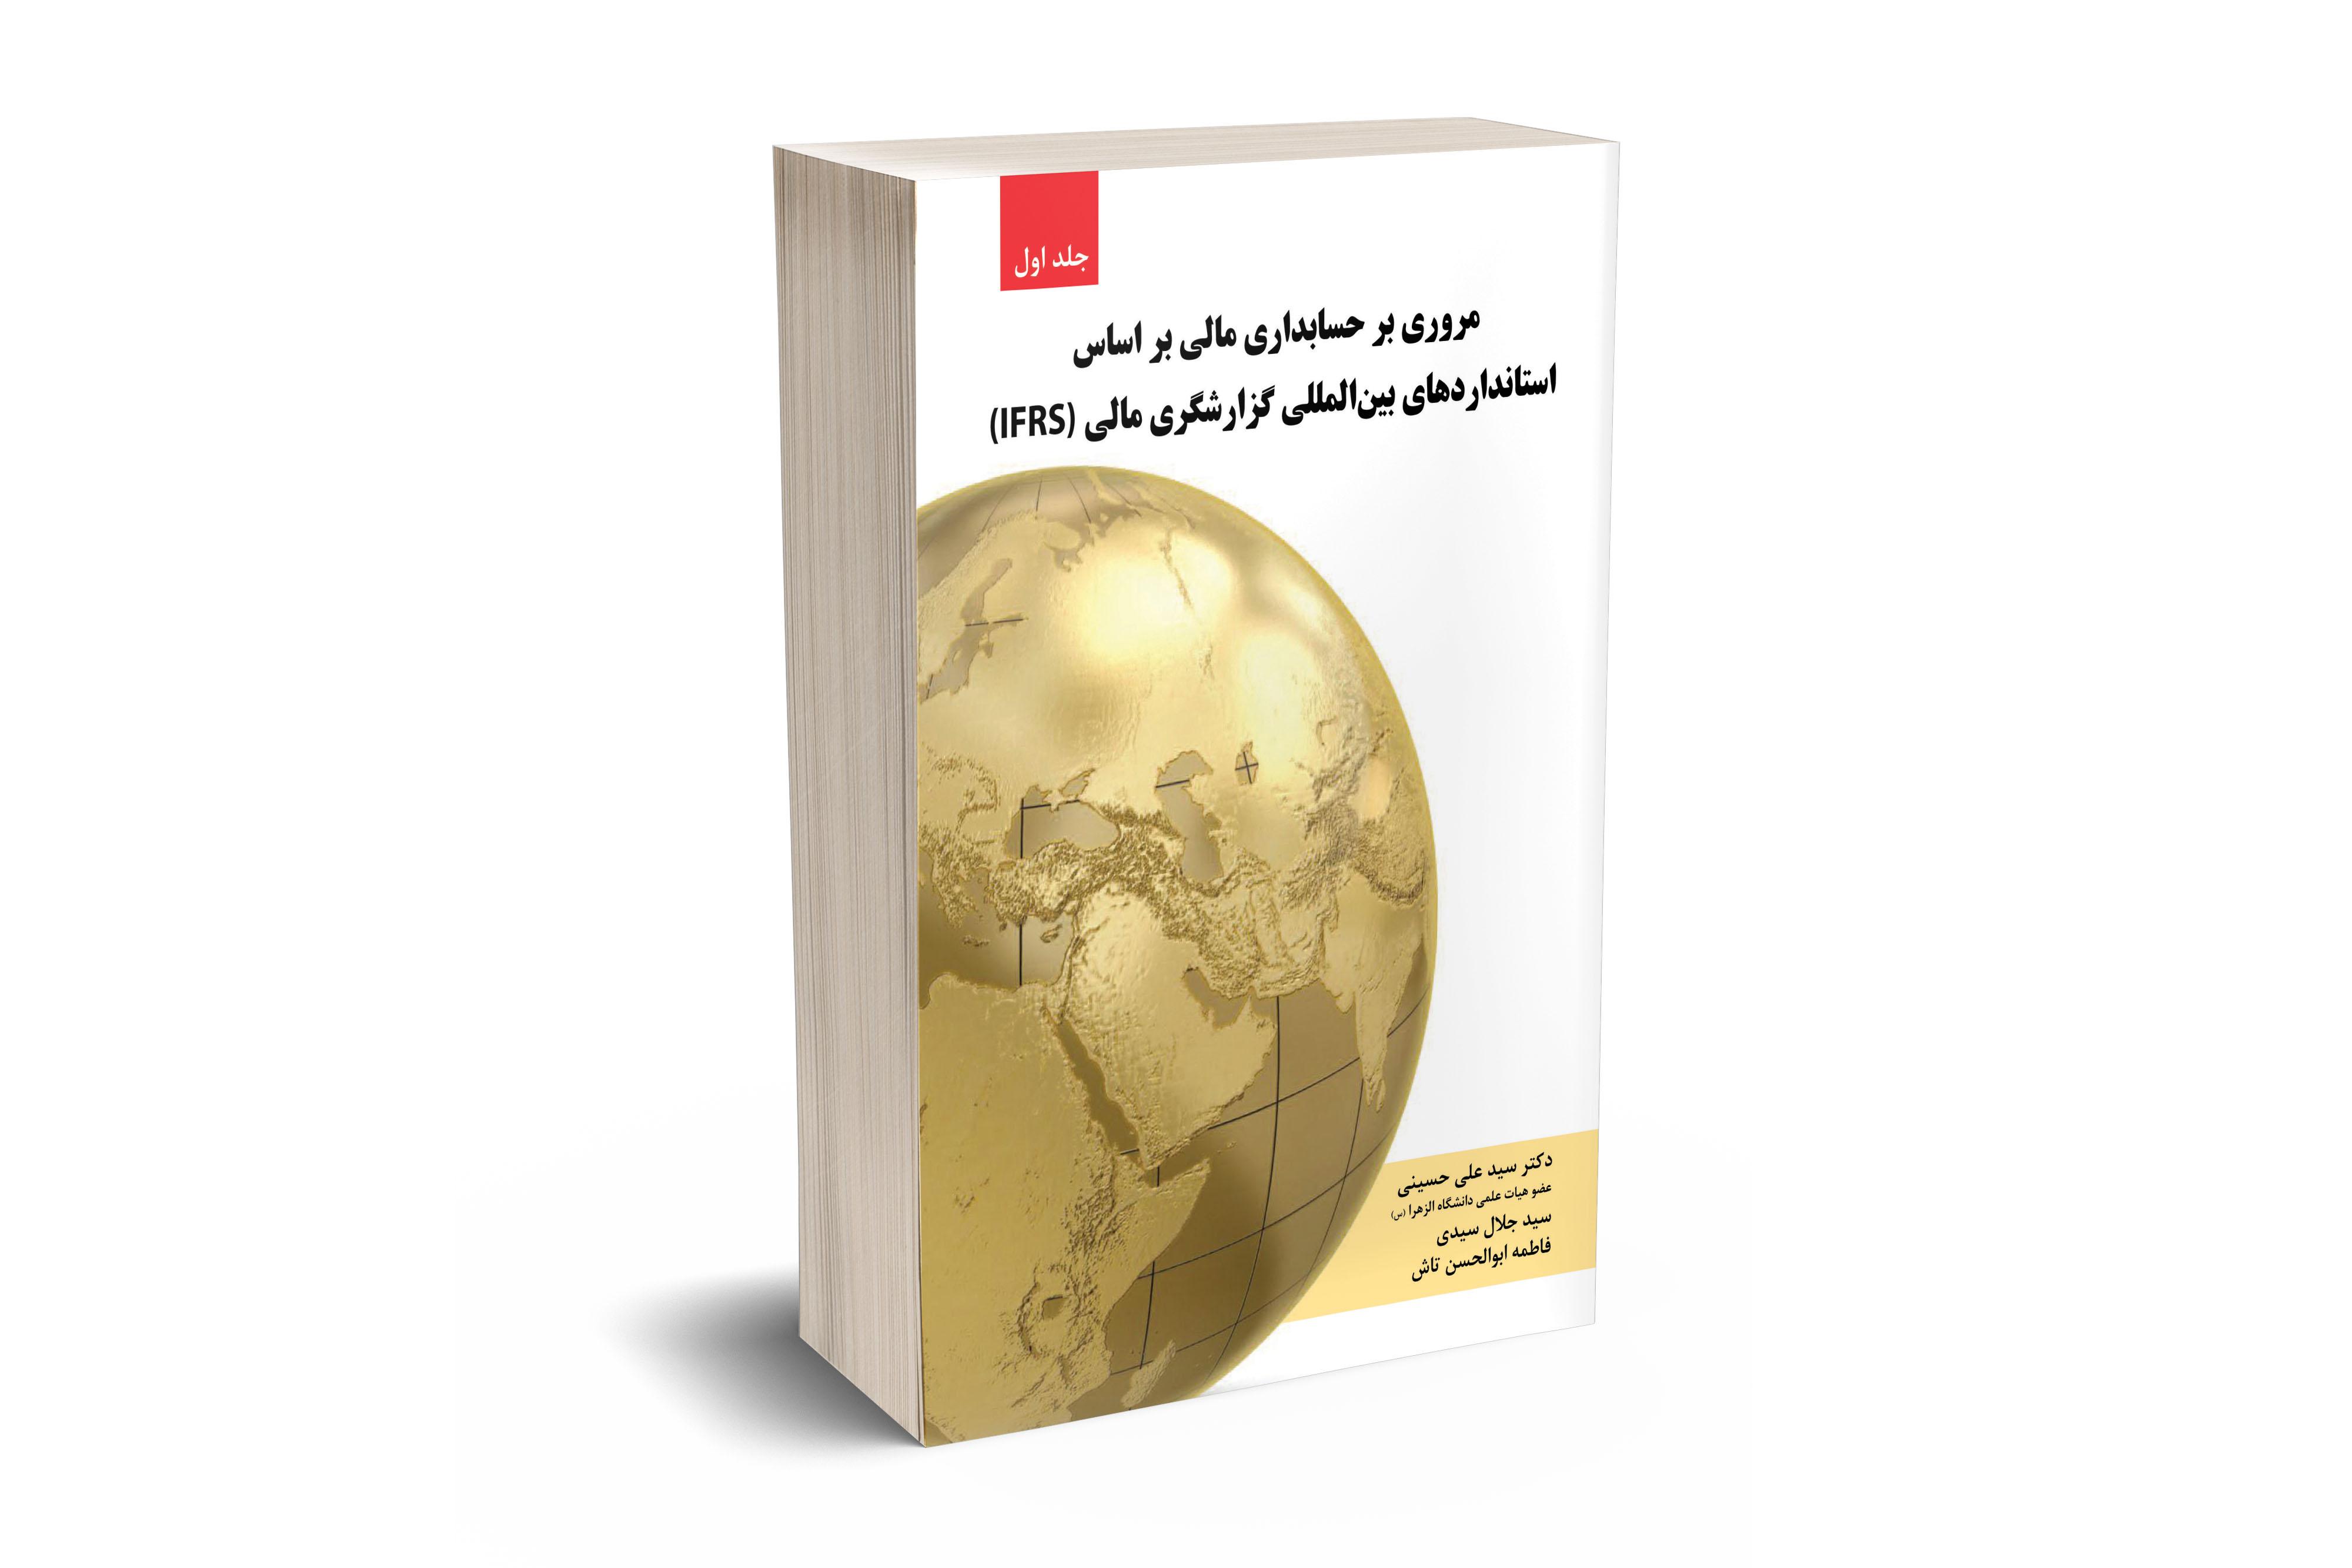 مروری بر حسابداری مالی براساس استانداردهای بین المللی